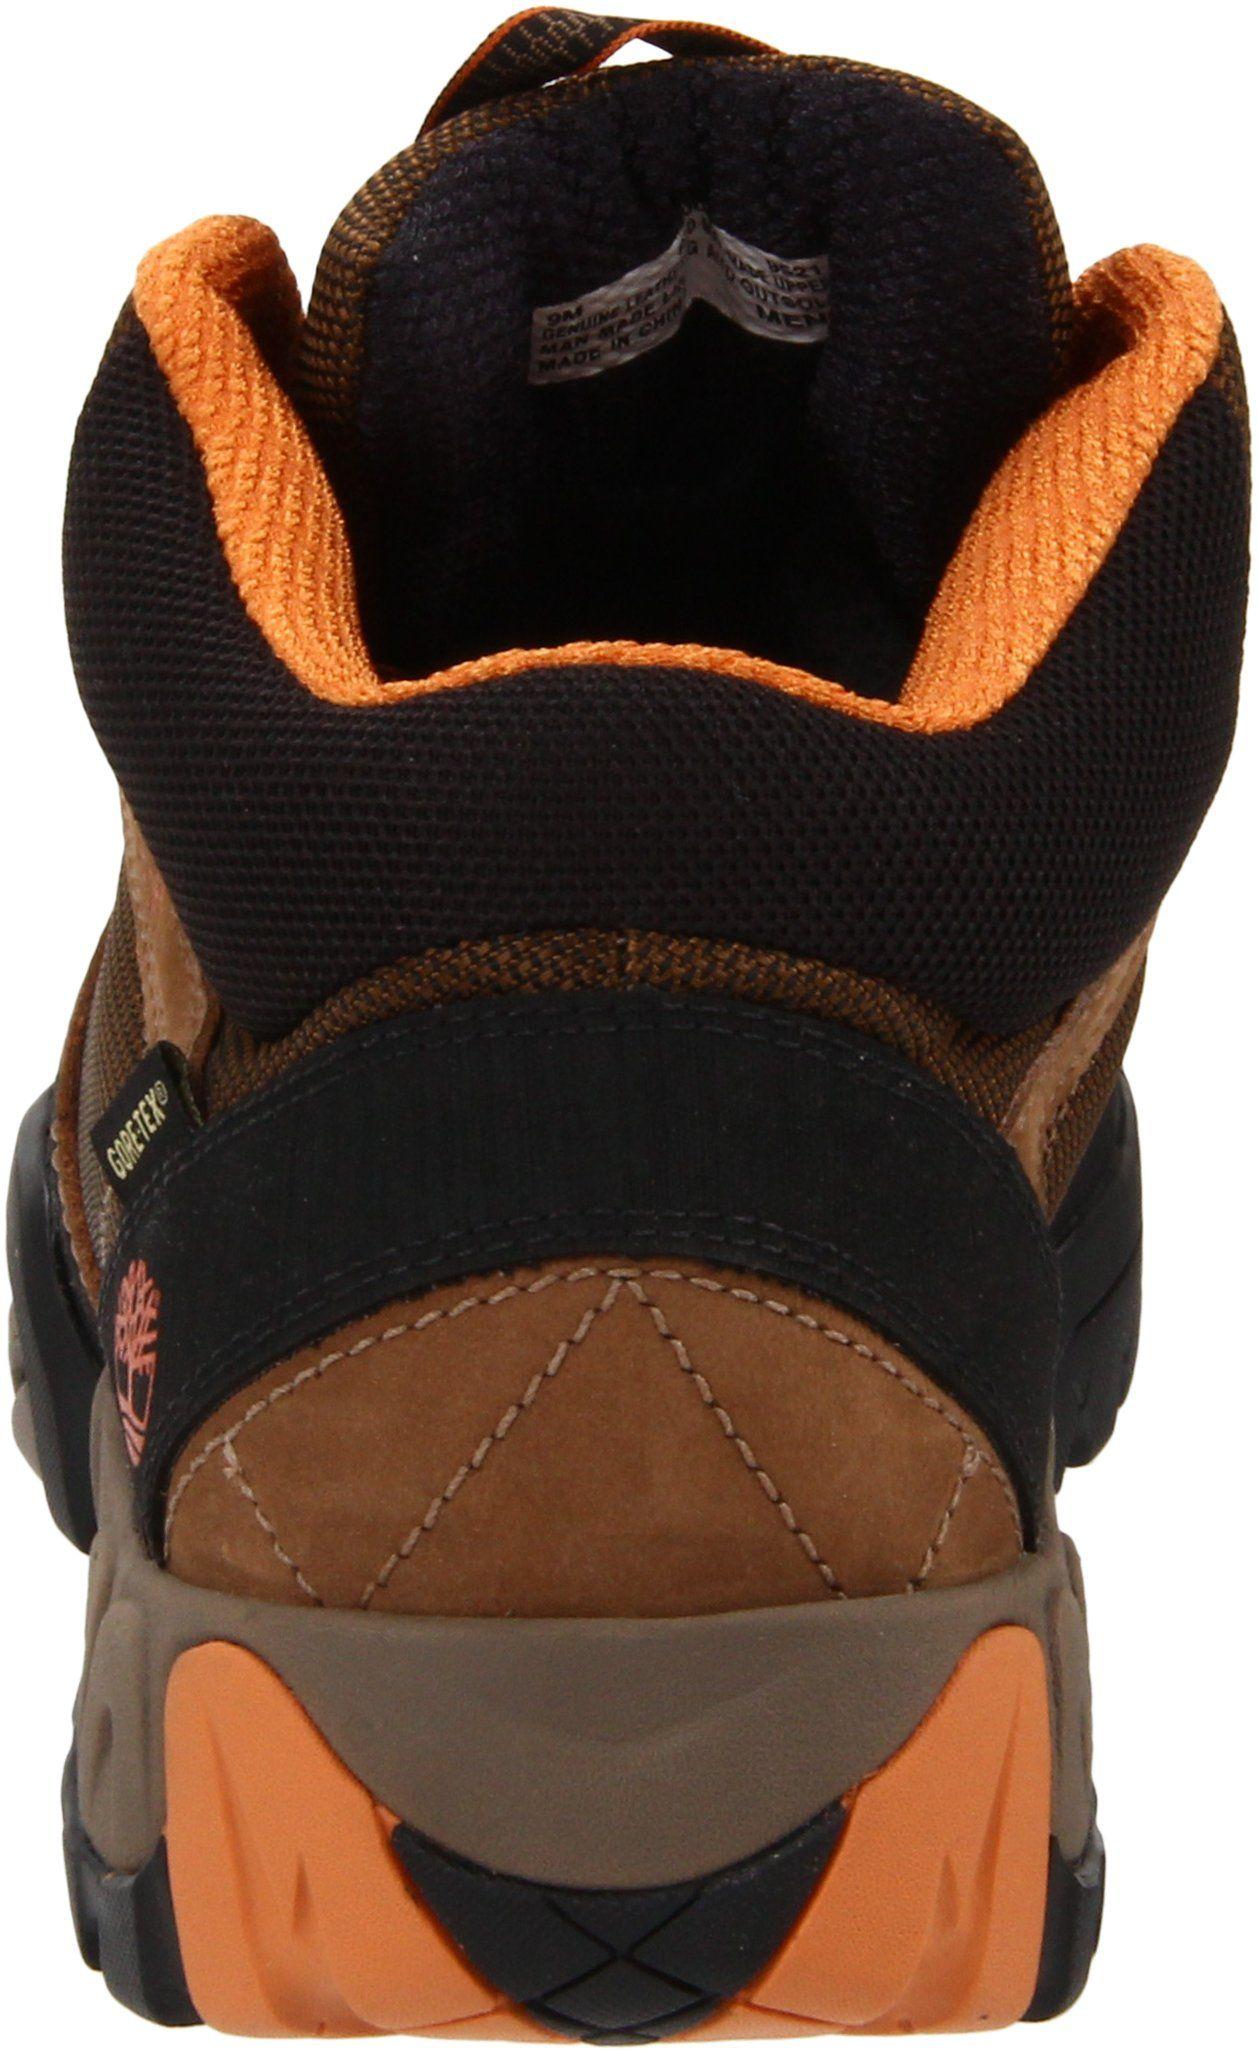 najnowszy później nowe wydanie Timberland Mens Pathrock Mid GTX Hiking BootBrown7.5 M US ...